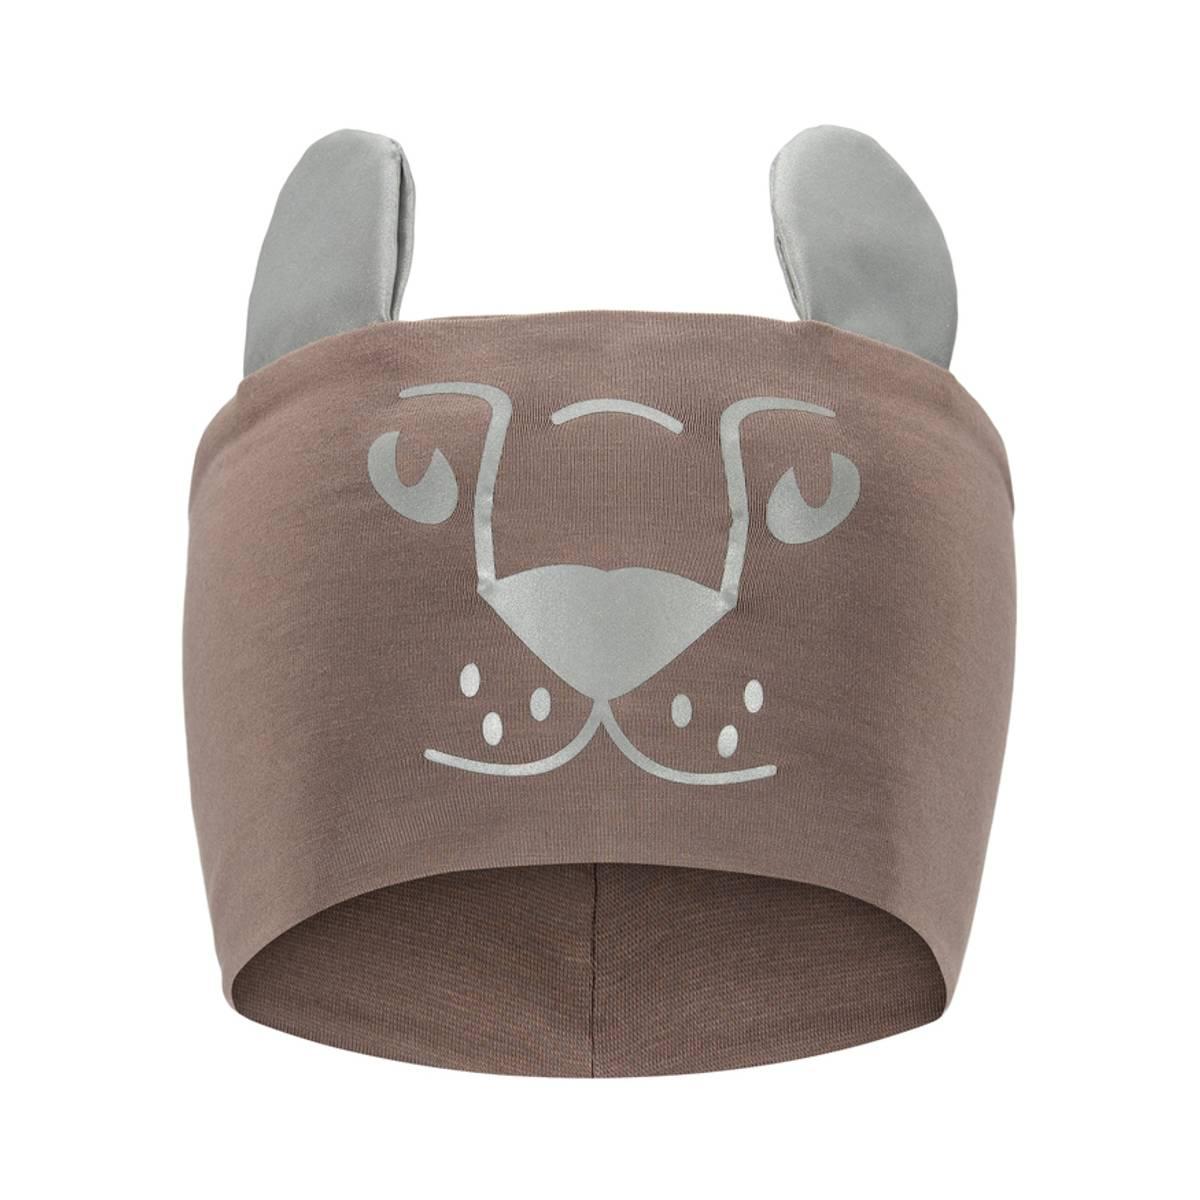 Morild Funkle pannebånd med refleks, nøttebrun løveunge